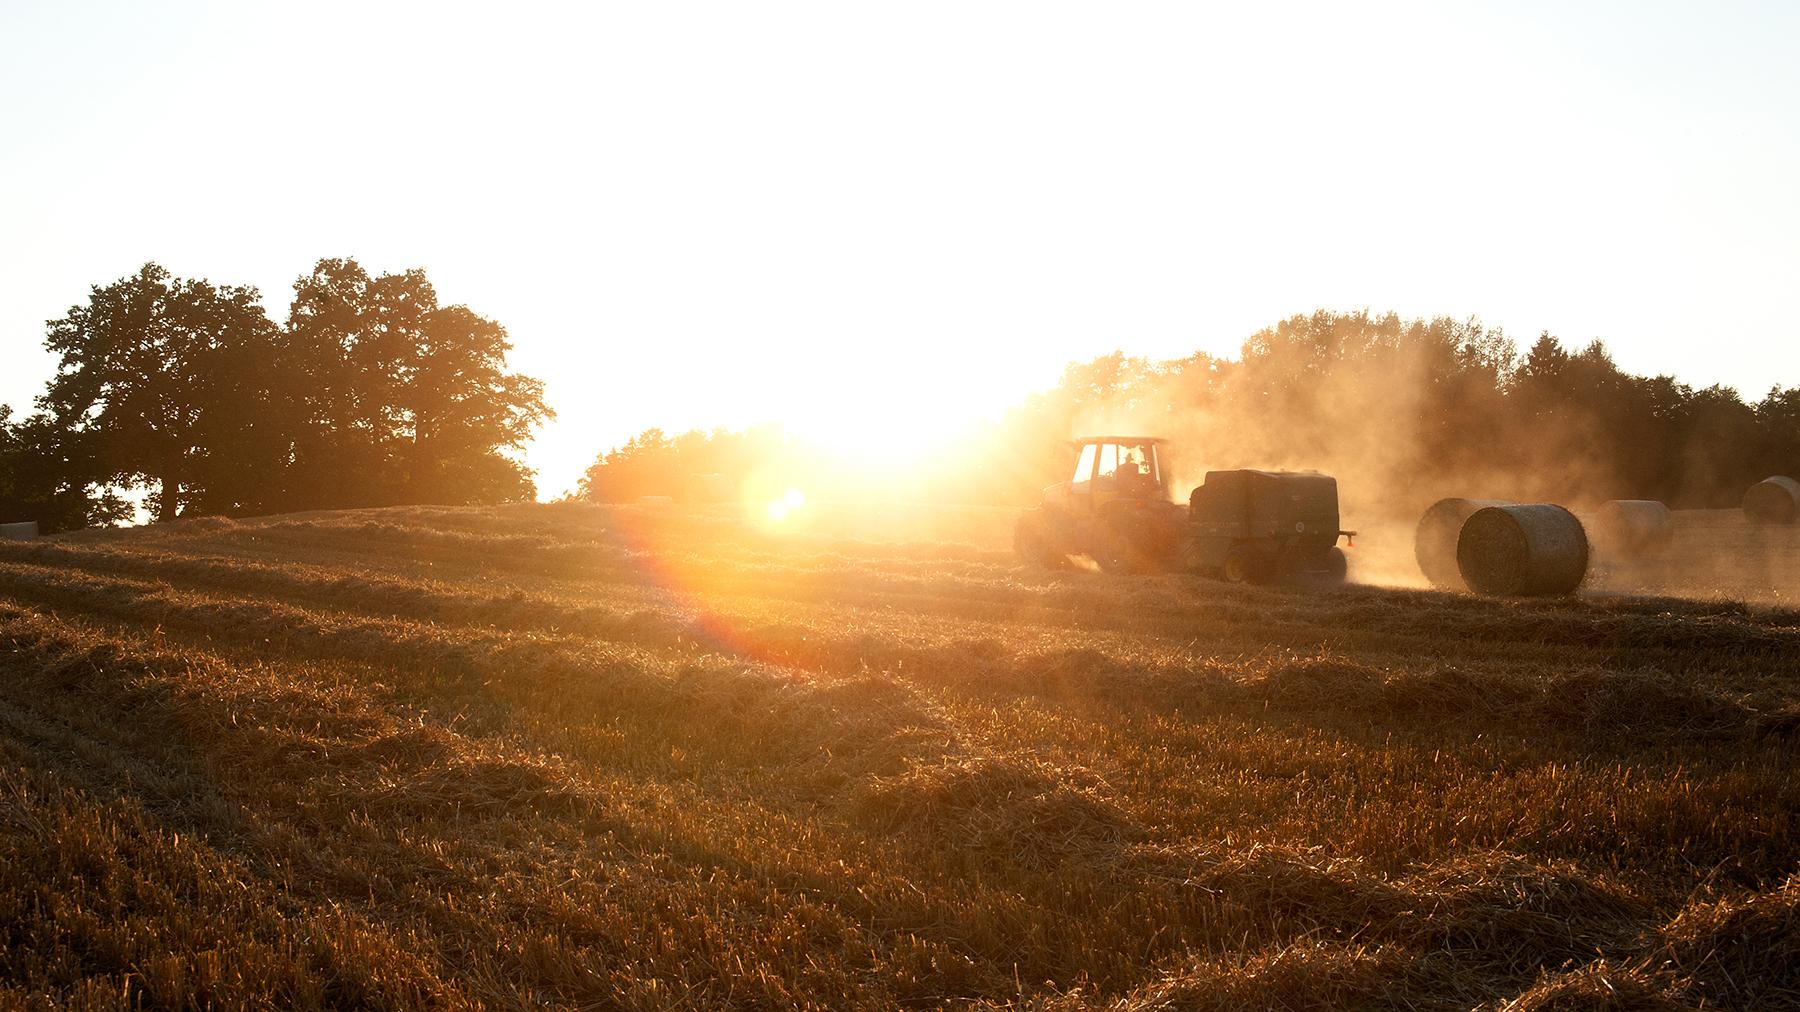 Feldarbeit bei Sonnenuntergang